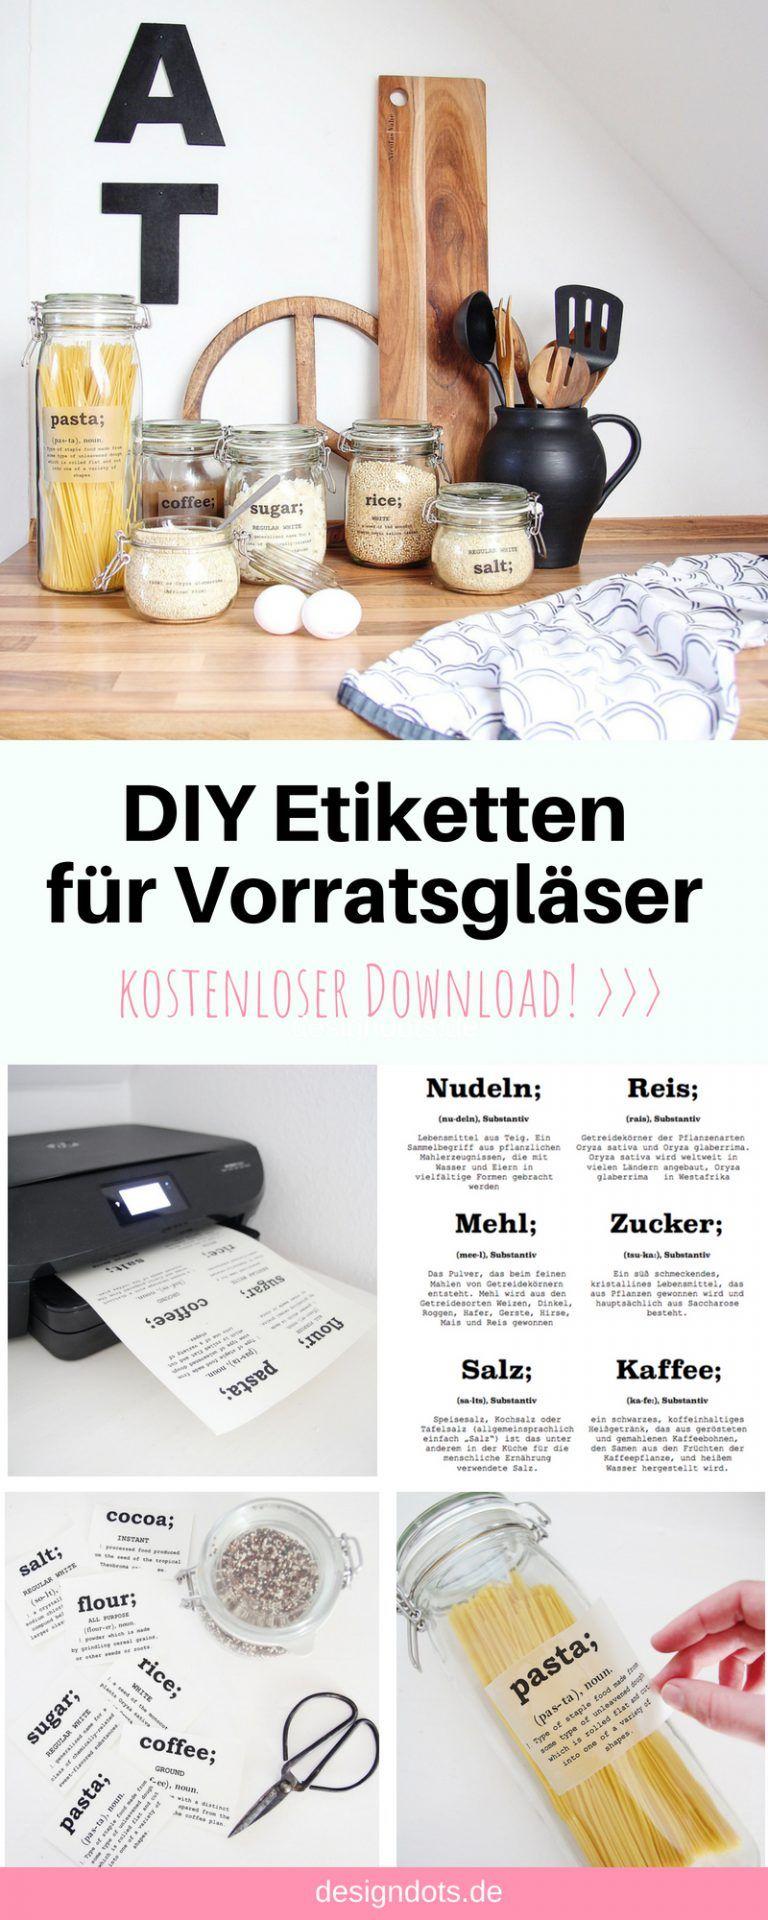 DIY Etiketten für Vorratsgläser zum ausdrucken #kitchenorganizationdiy